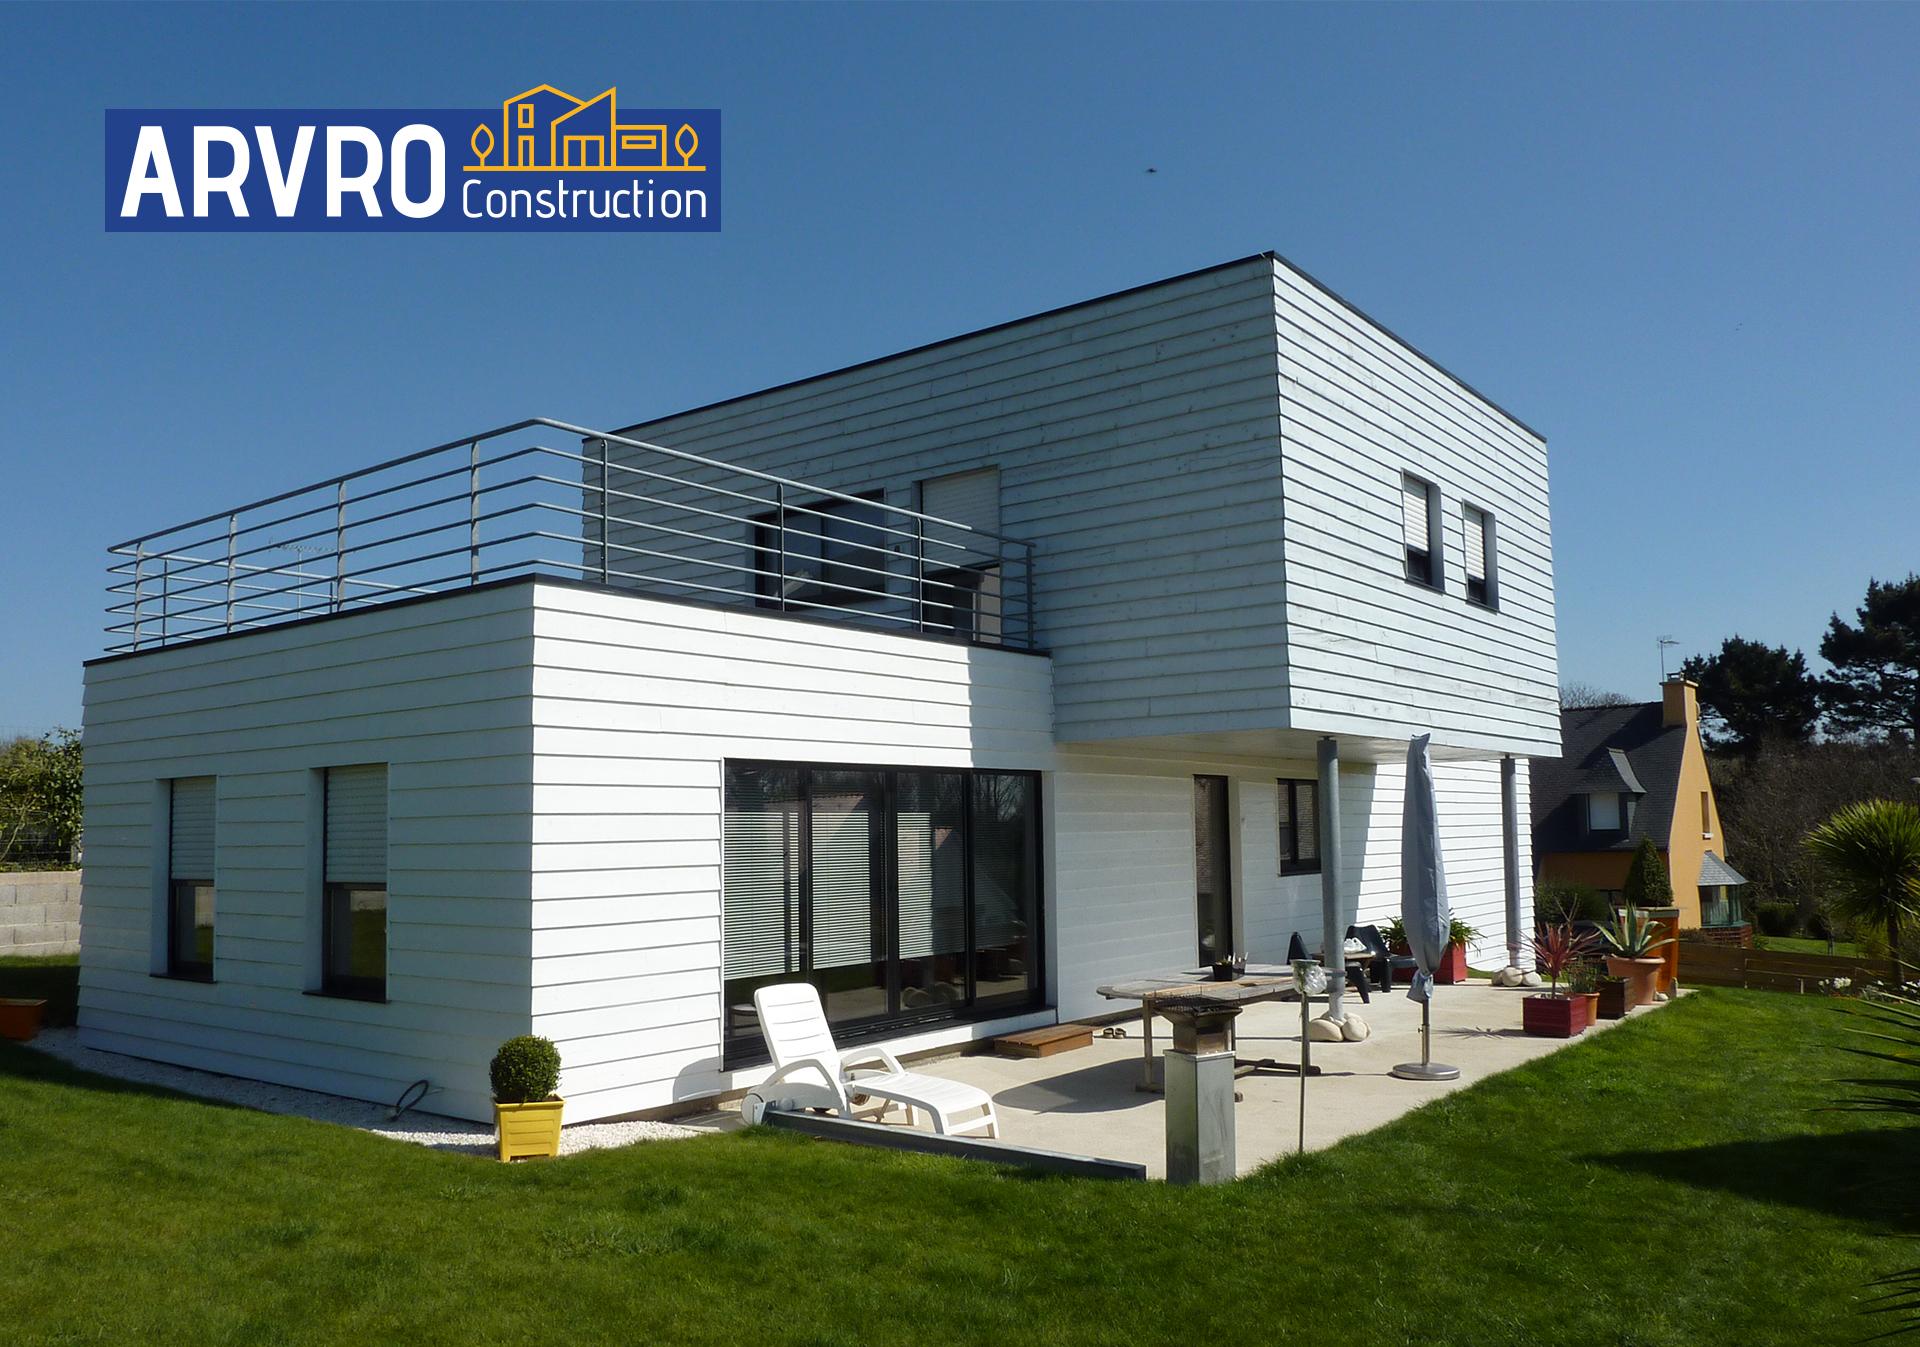 Arvro Constructions